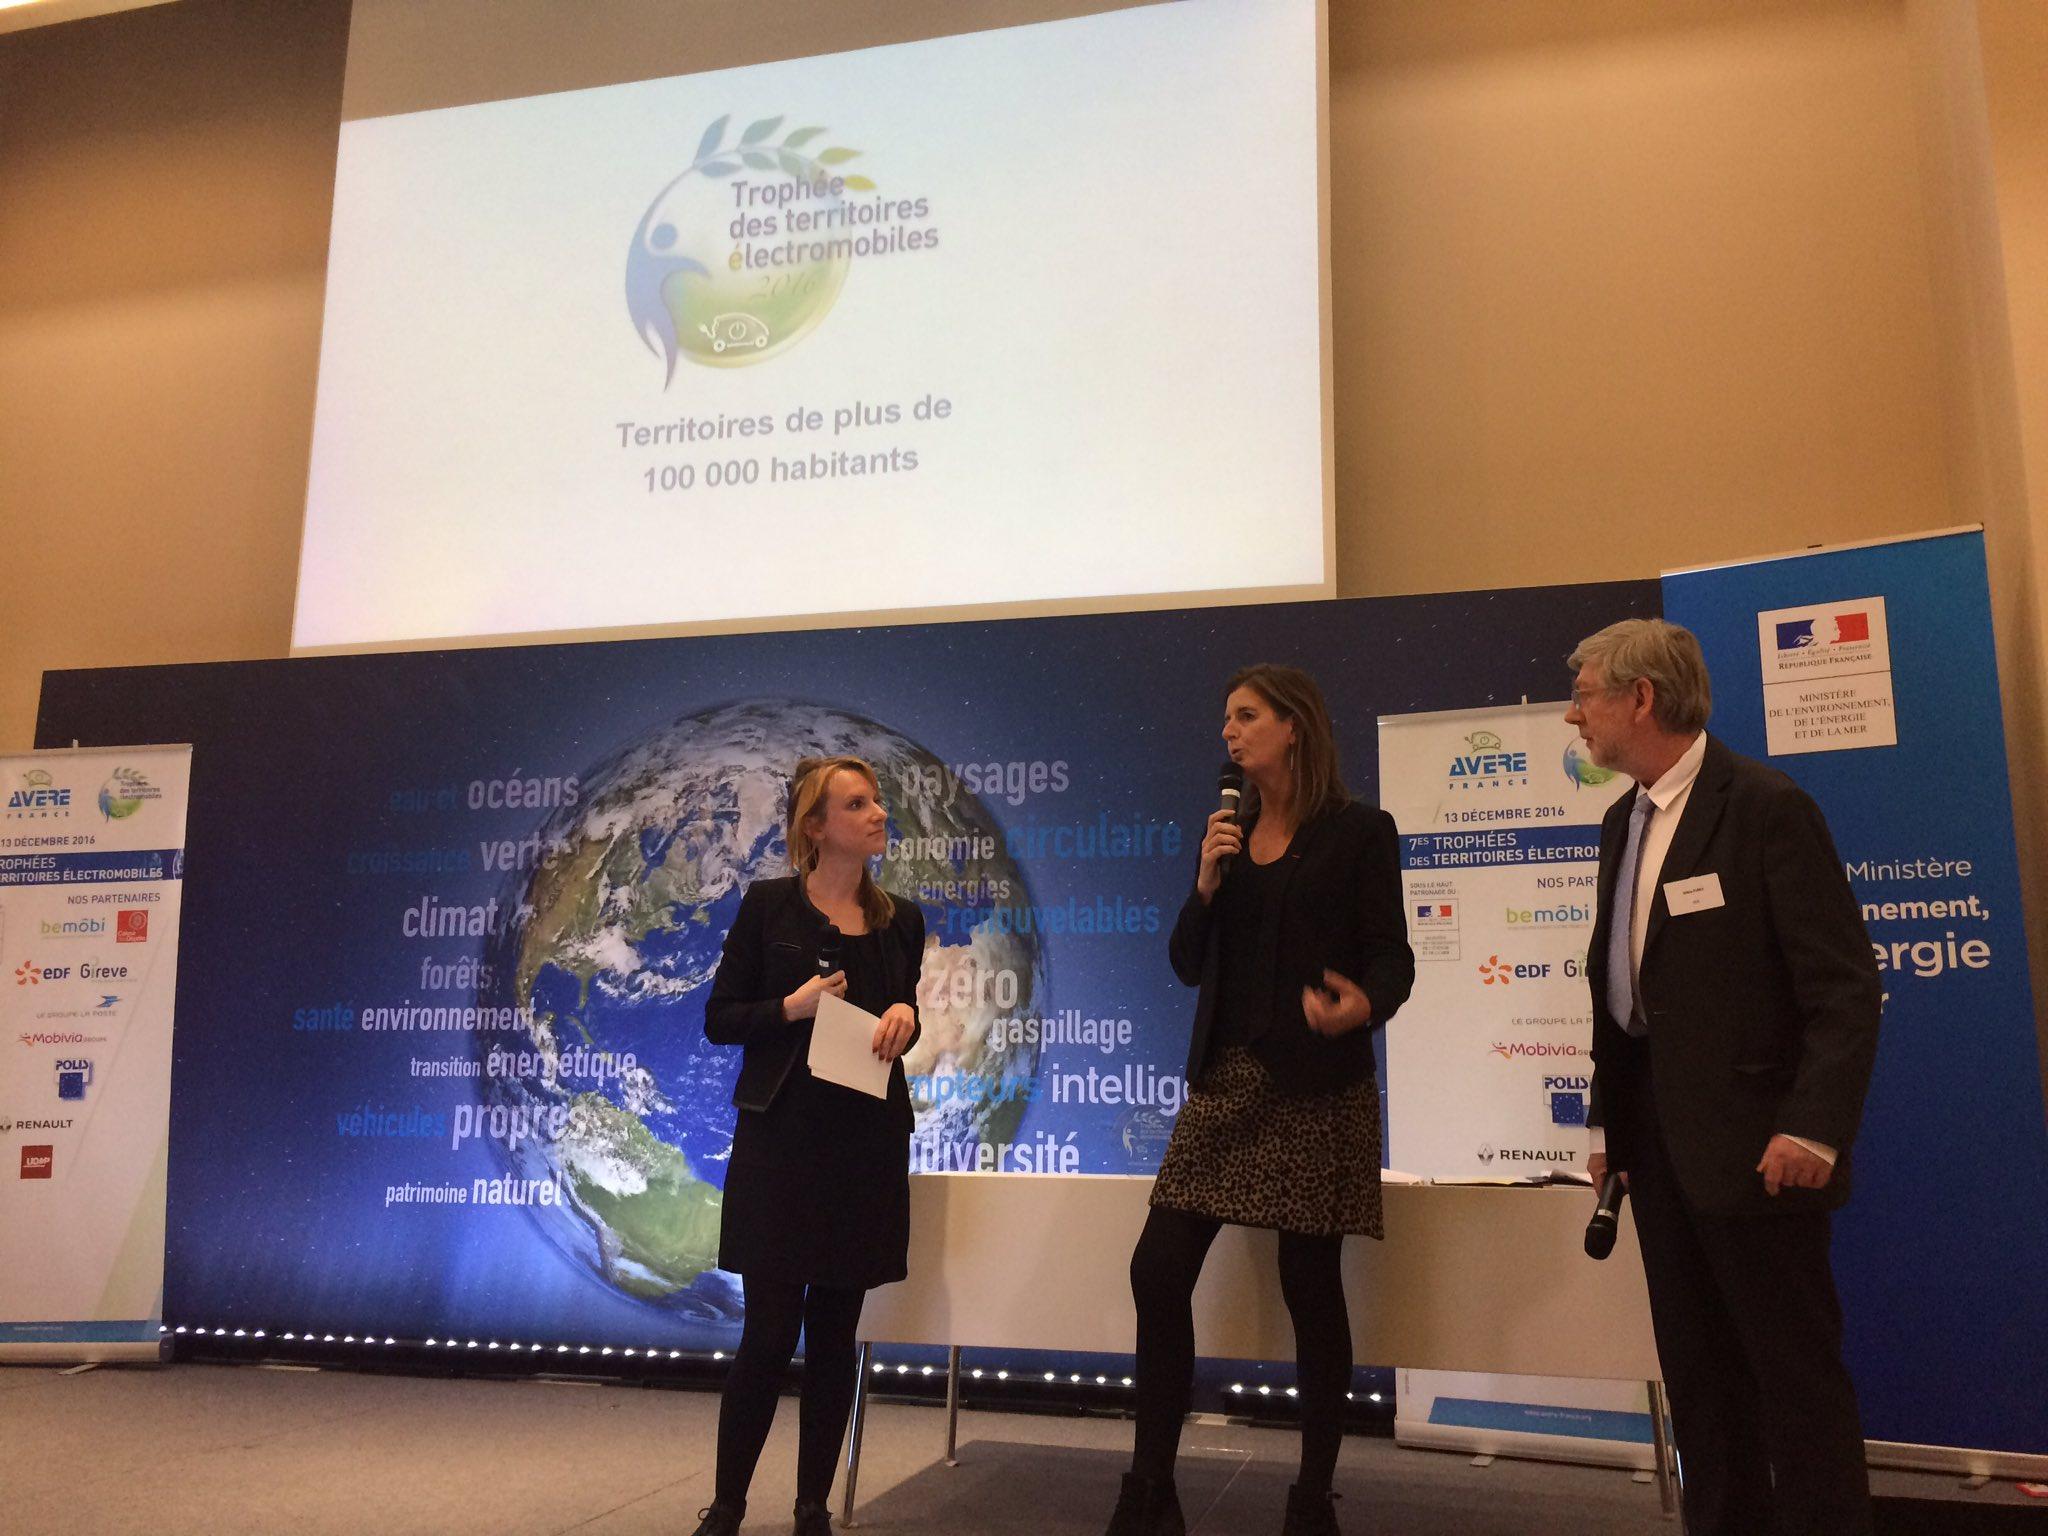 @Mobiviagroupe et @EDFofficiel  heureux de récompenser un territoire pionnier pour la #mobilité #électrique #TrophéesVE https://t.co/cMP4GswPVq